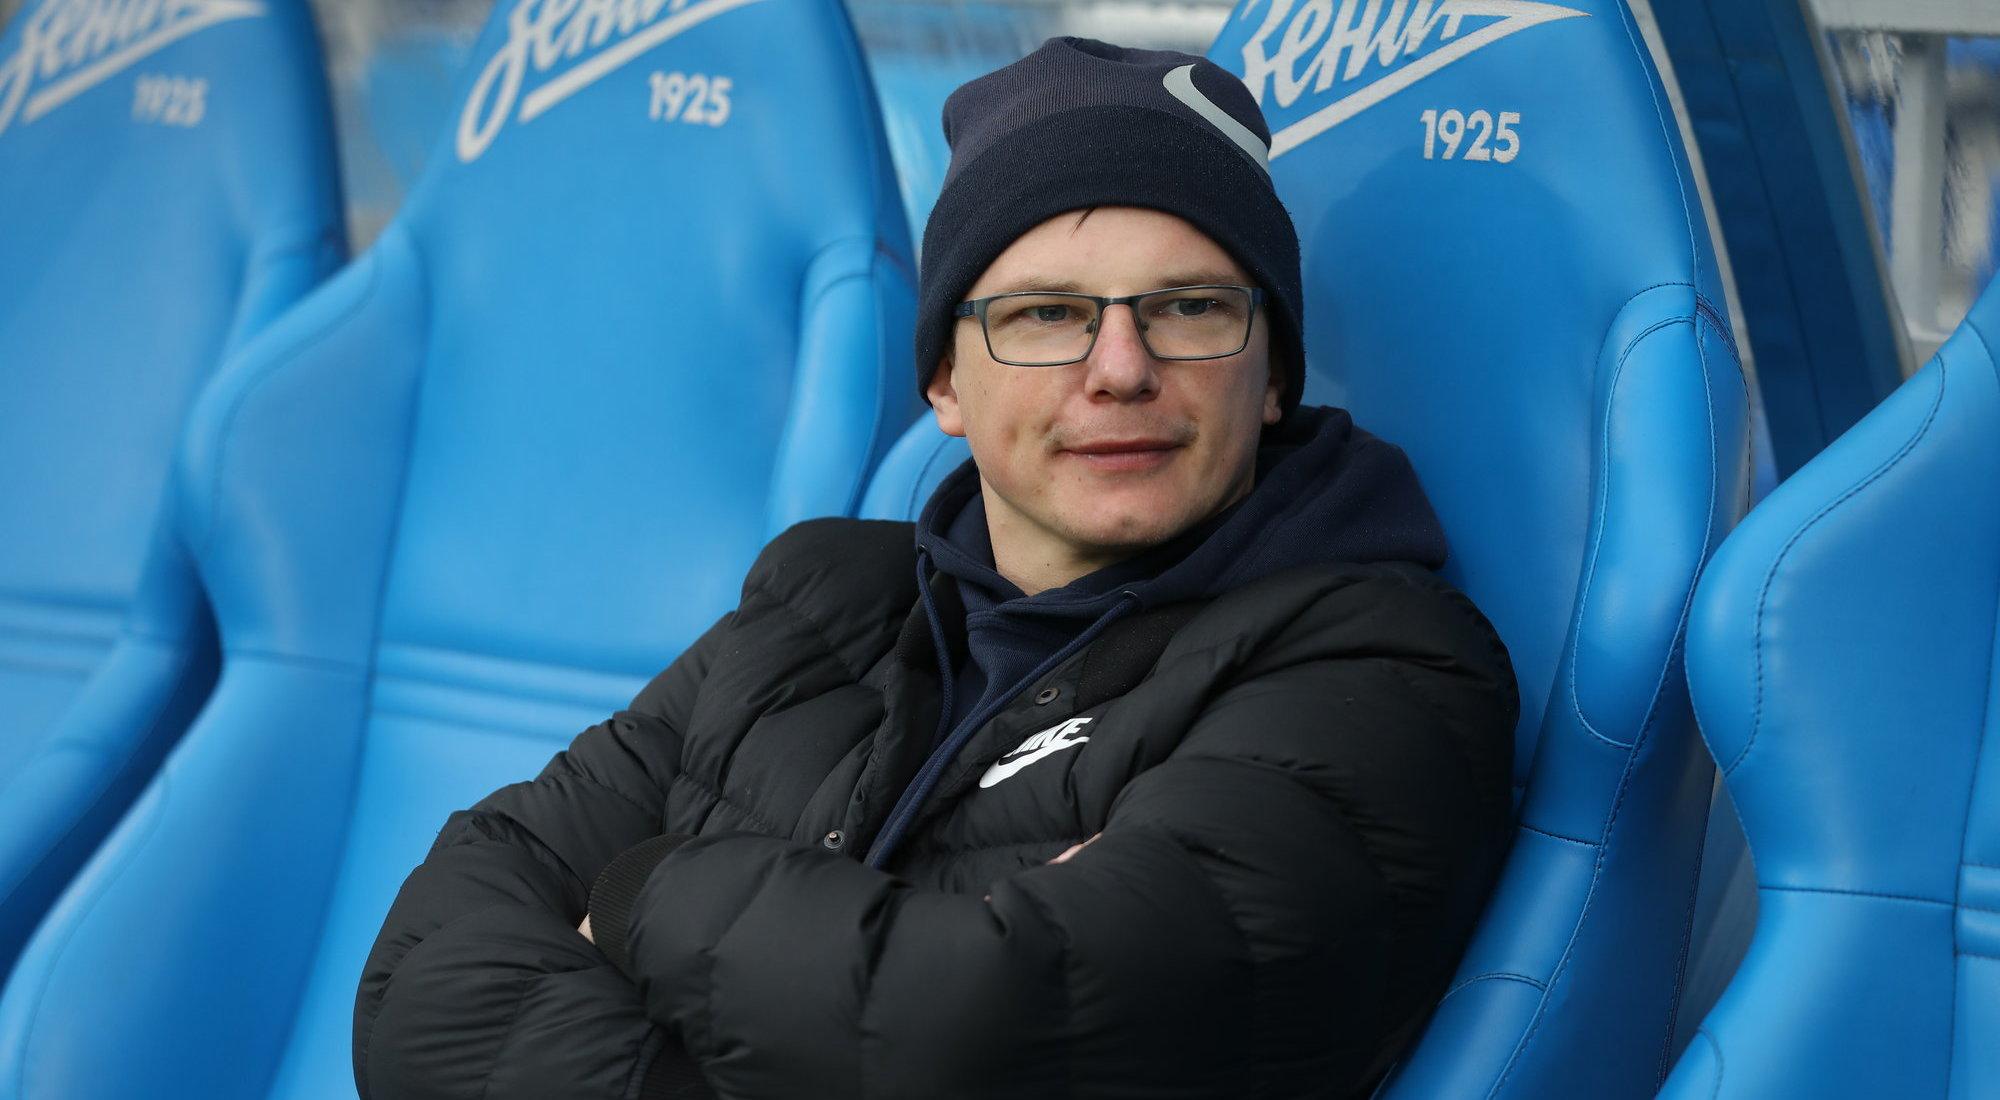 Аршавин хочет, чтобы «Зенит» взял пример с «РБ Лейпцига». Что для этого нужно? - фото